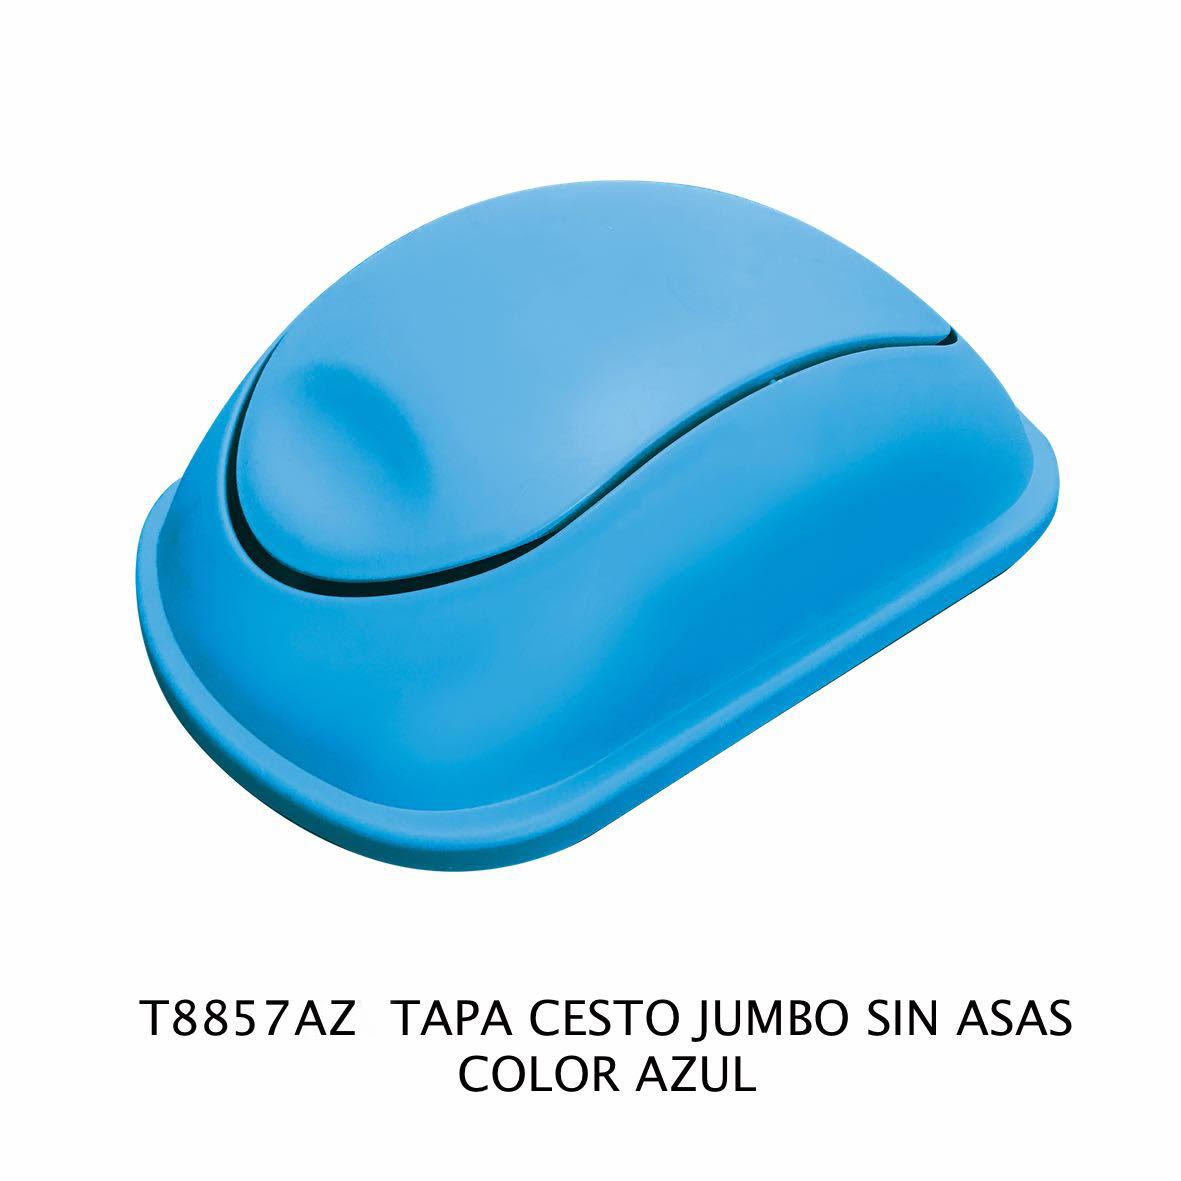 Tapa de bote de basura jumbo sin asas color azul modelo T 8857 AZ de Sablón